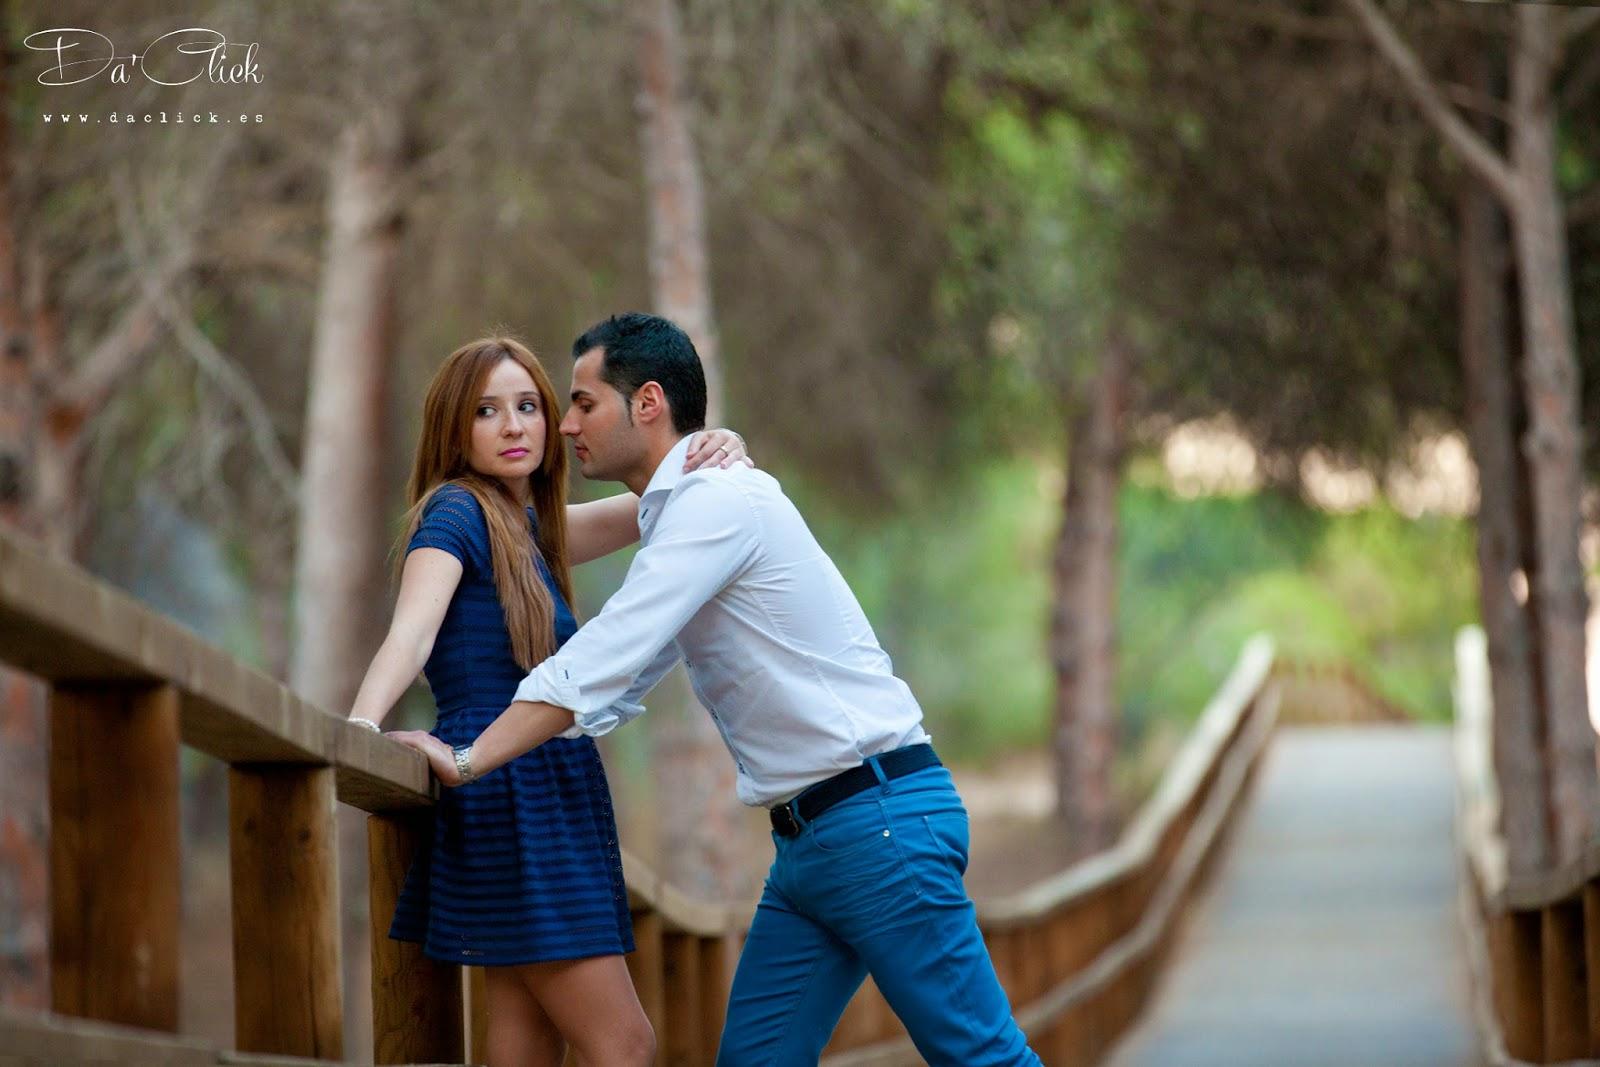 pareja en una pasarela de madera rodeada de pinos